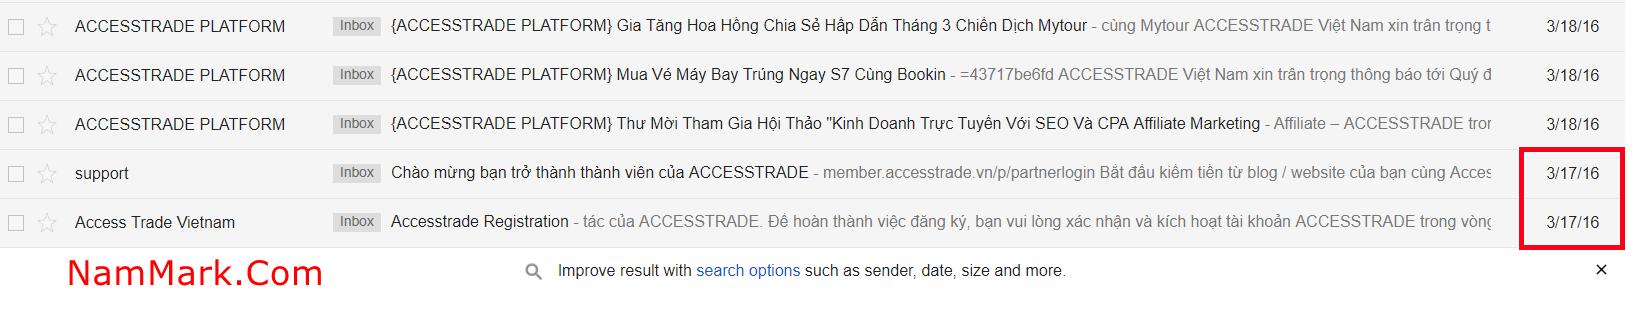 dang-ky-lam-tiep-thi-voi-accesstrade-2018-5